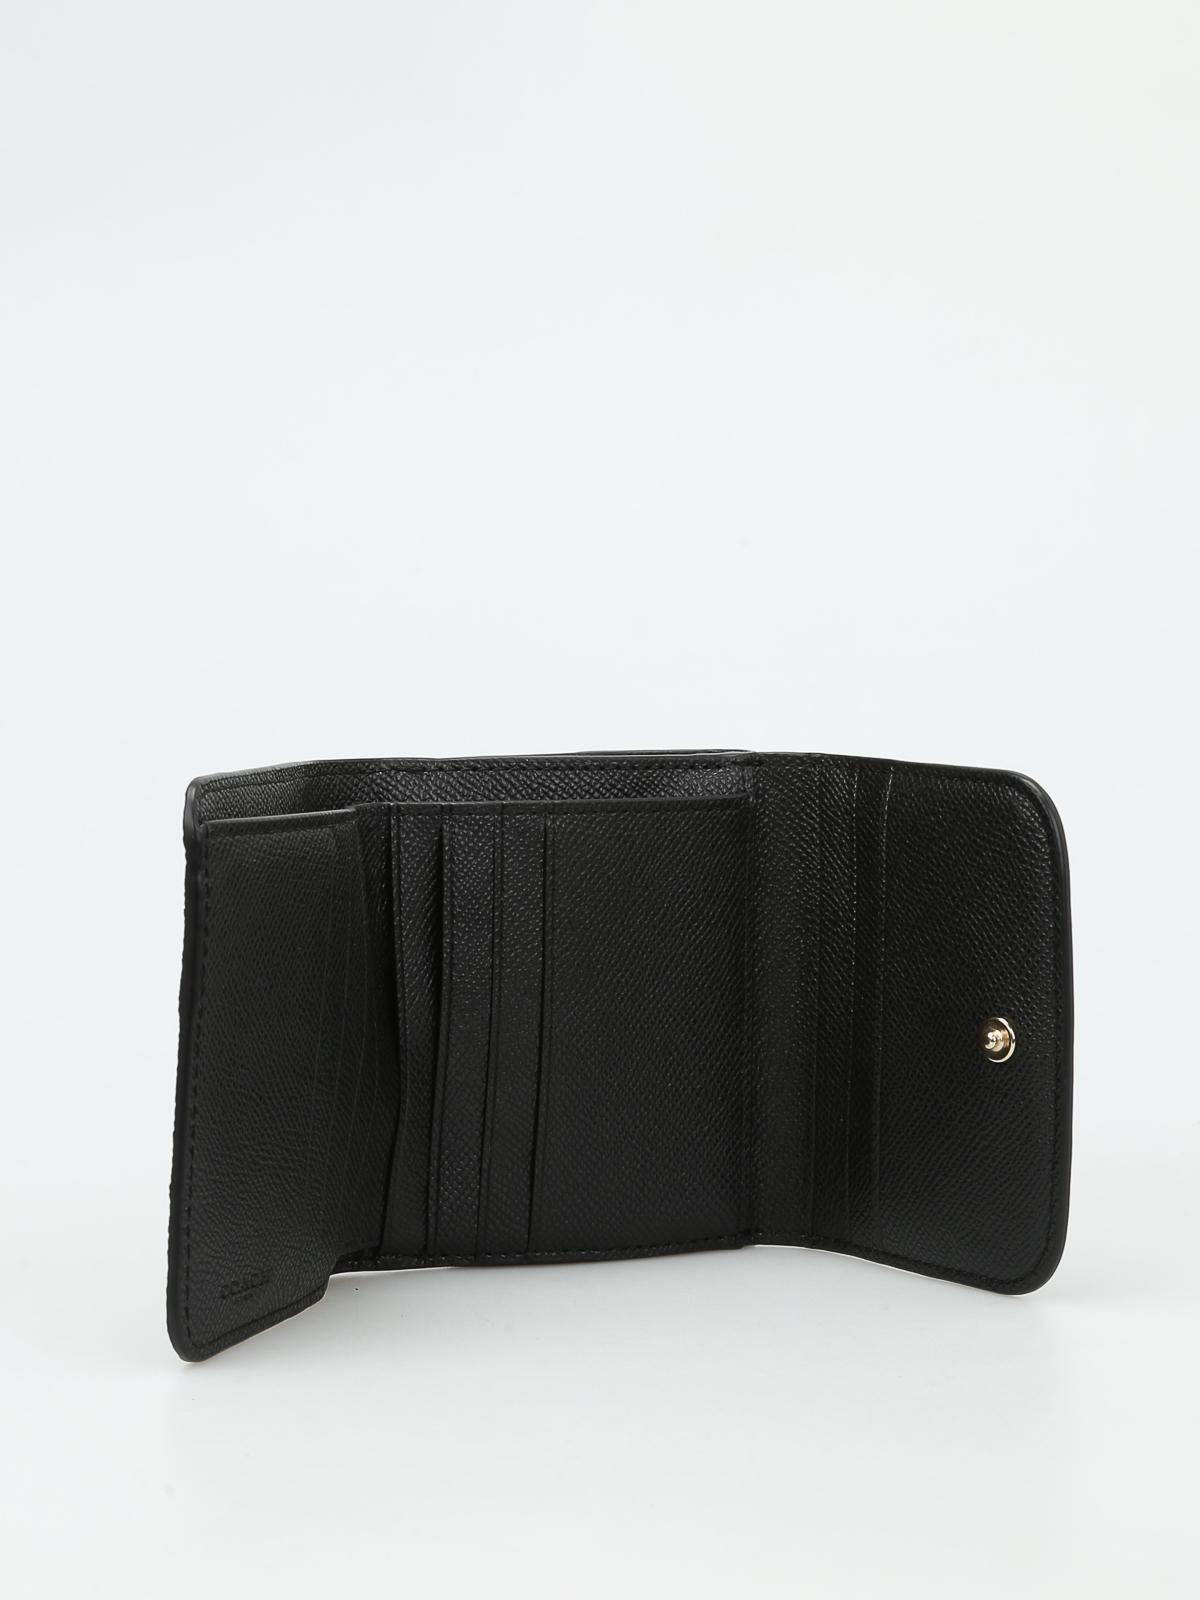 portemonnaie fur damen schwarz von coach portemonnaies. Black Bedroom Furniture Sets. Home Design Ideas